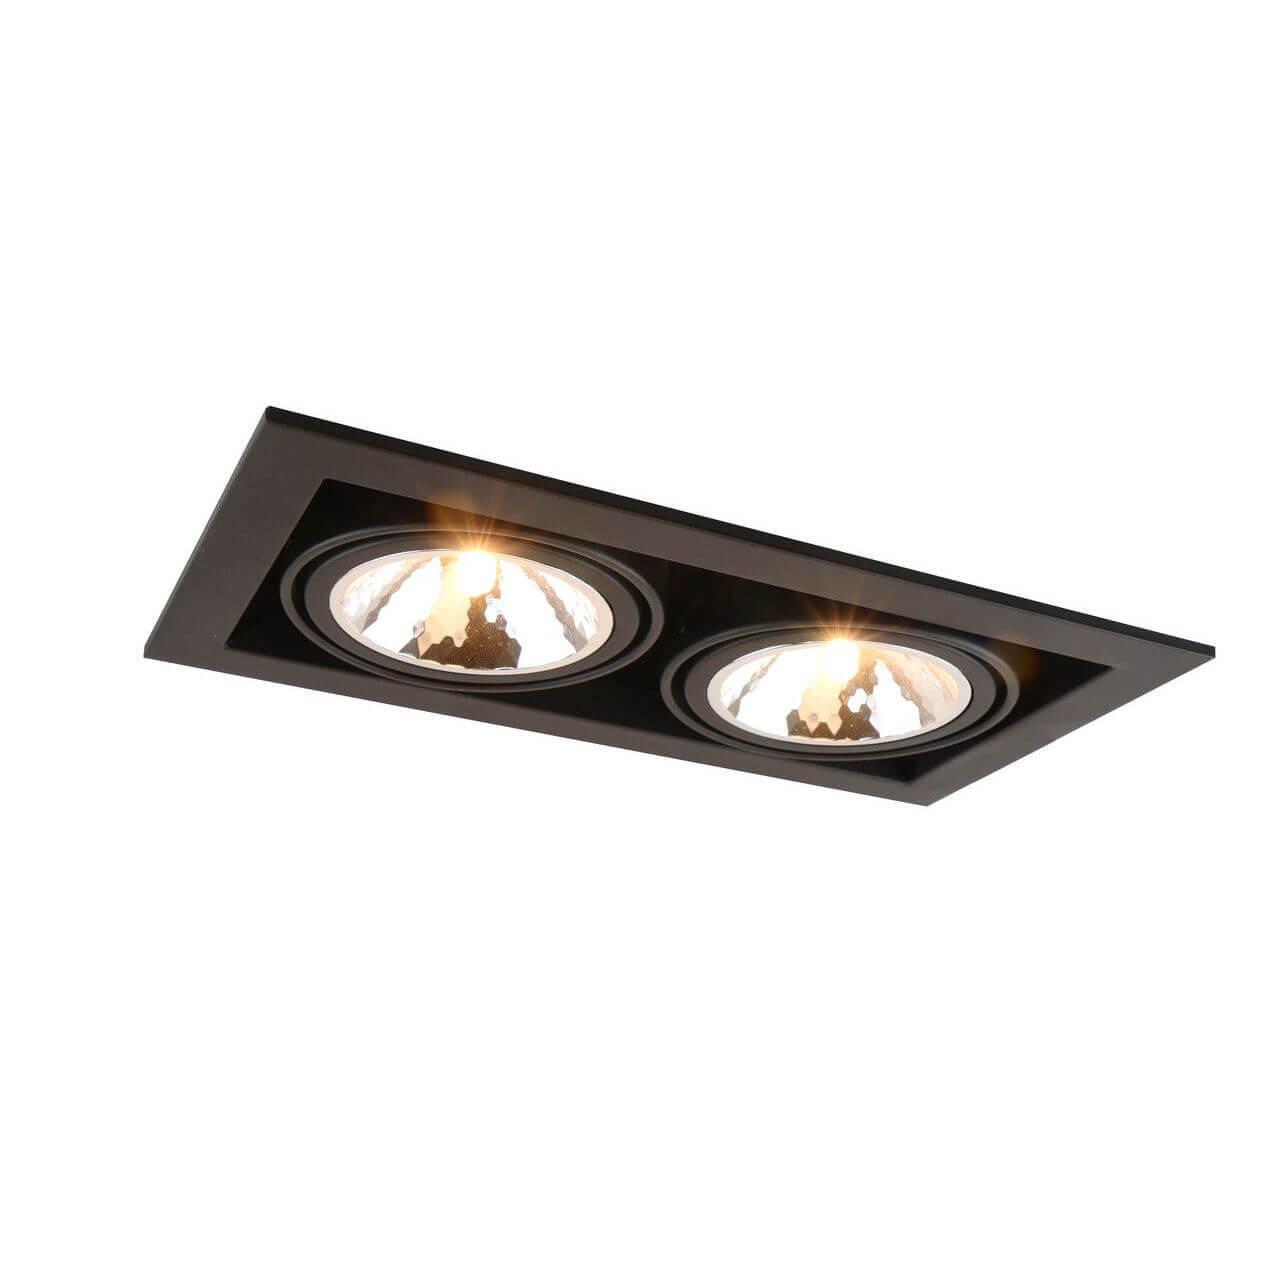 Светильник Arte Lamp A5949PL-2BK Cardani Semplice BK потолочный светильник arte lamp cardani black арт a5936pl 1bk